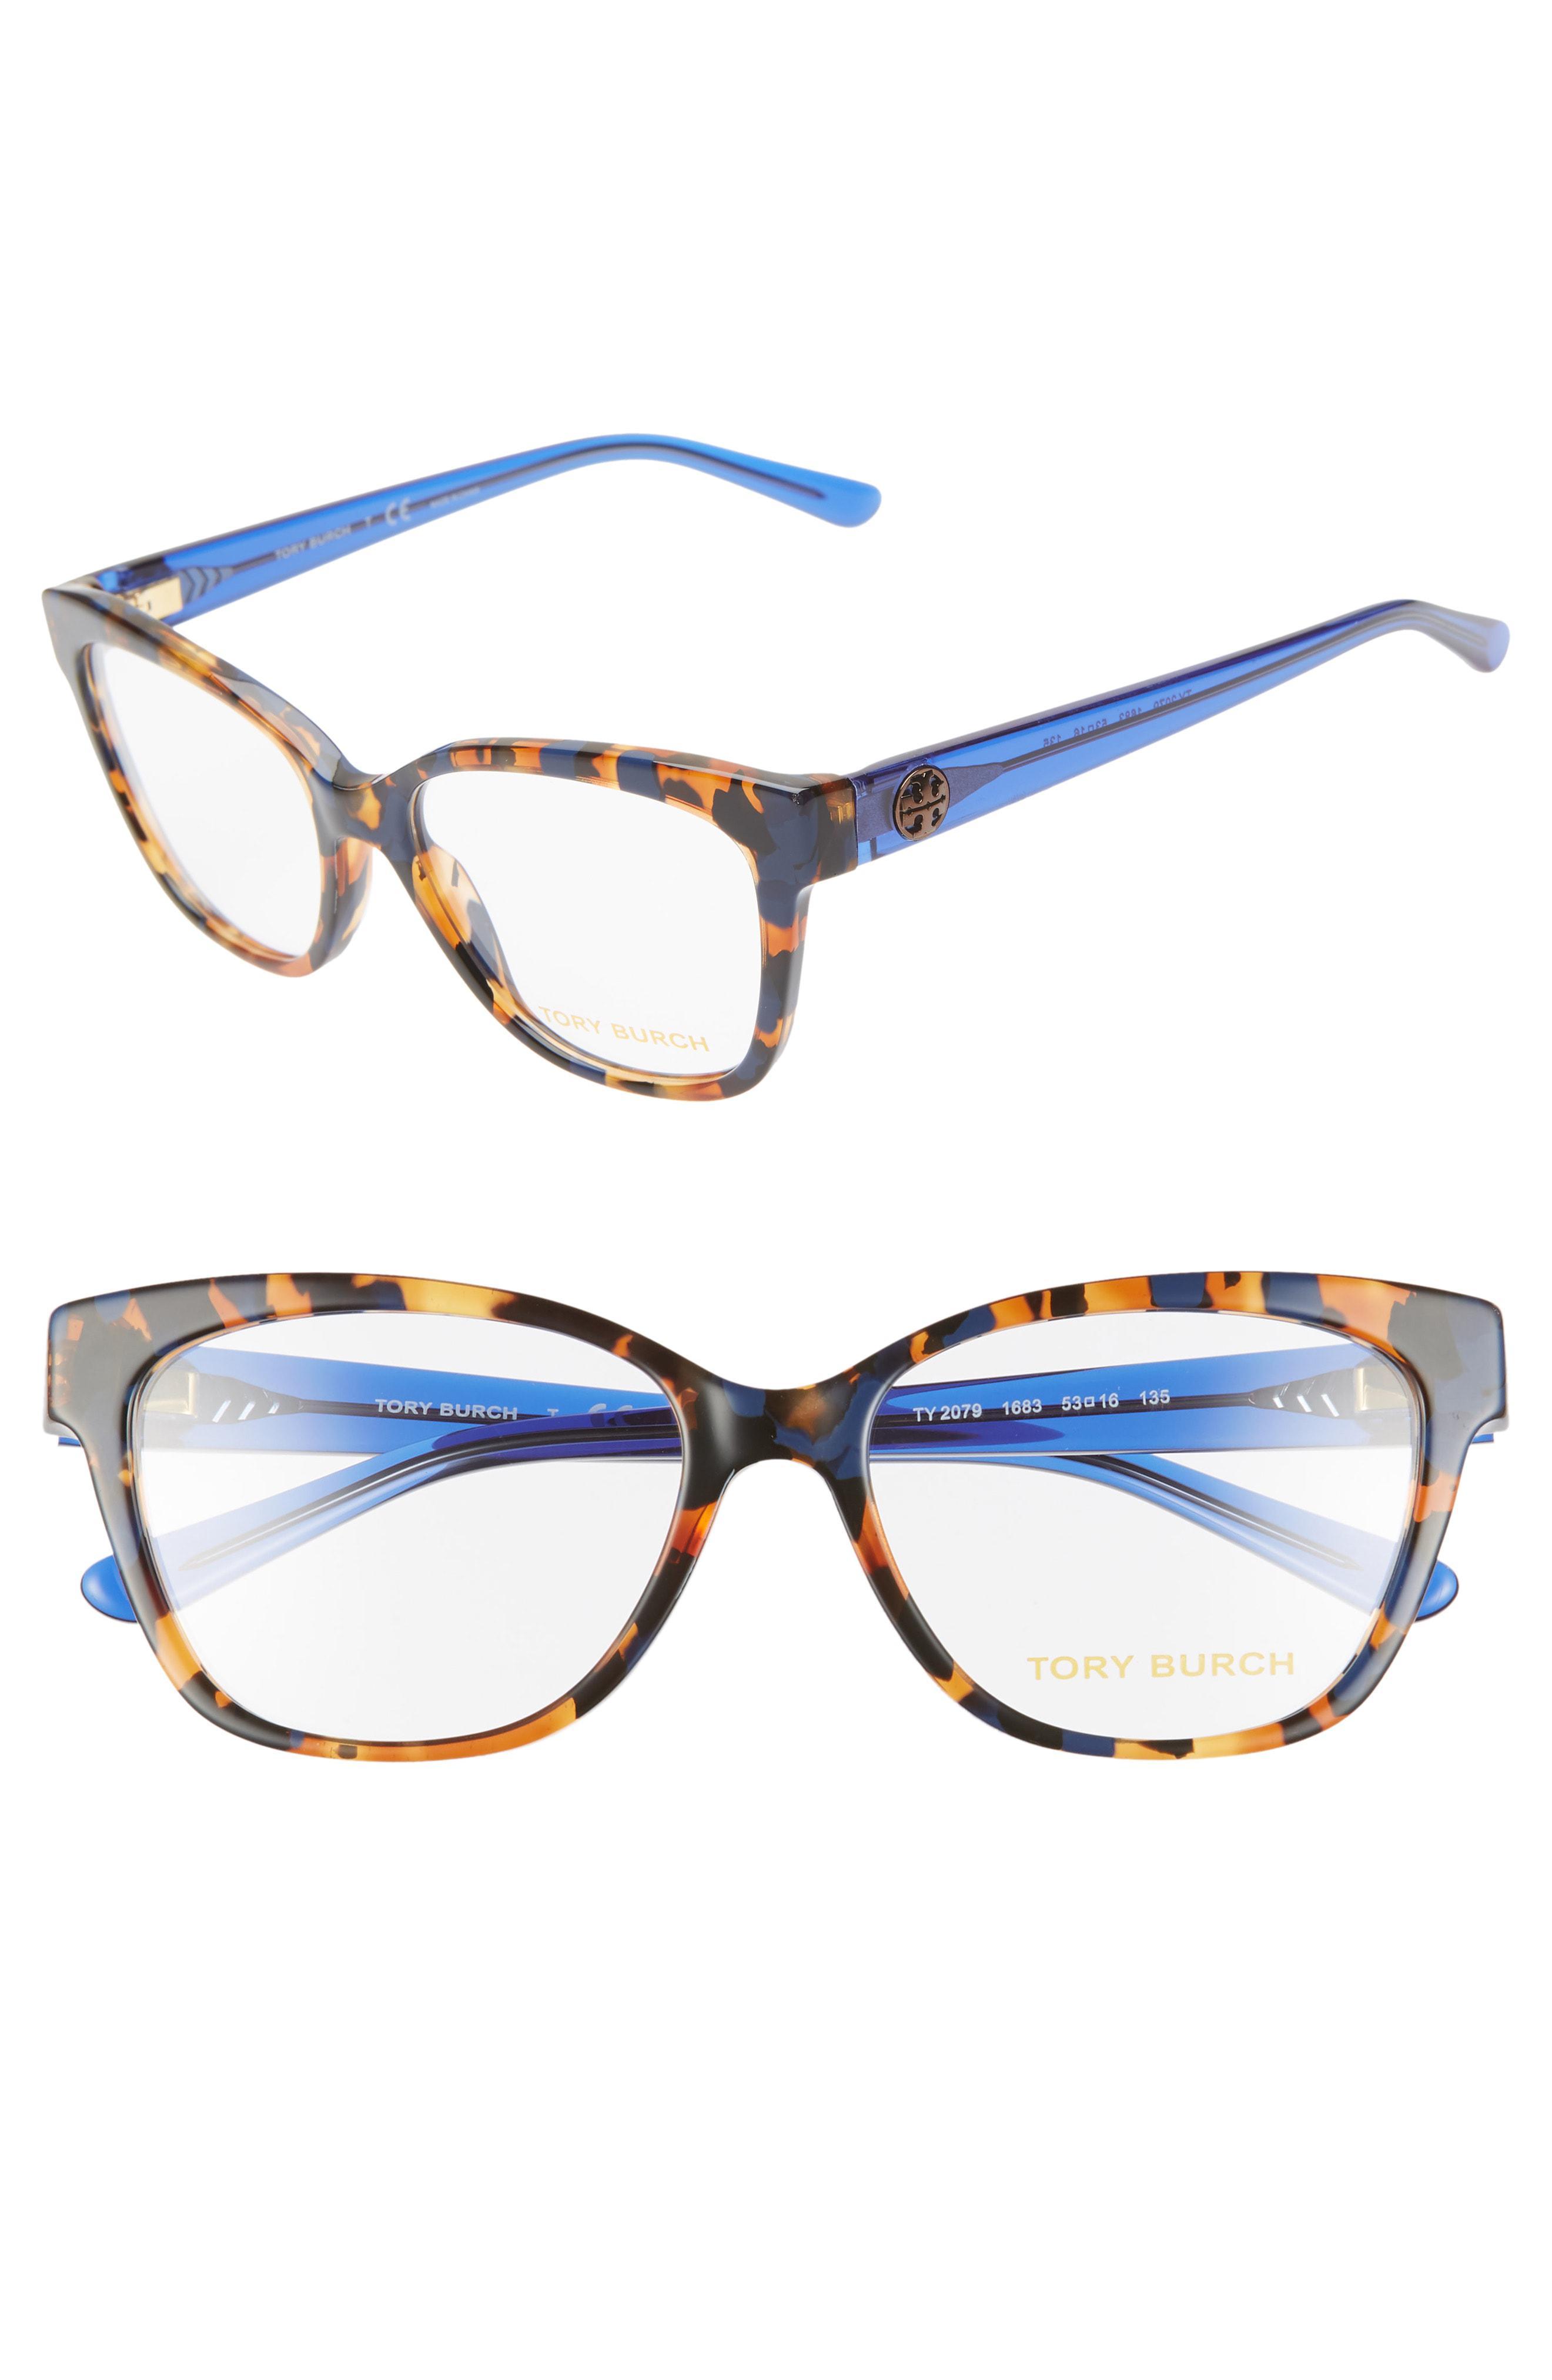 a390892c77 Tory Burch - Blue 53mm Optical Glasses - Lyst. View fullscreen